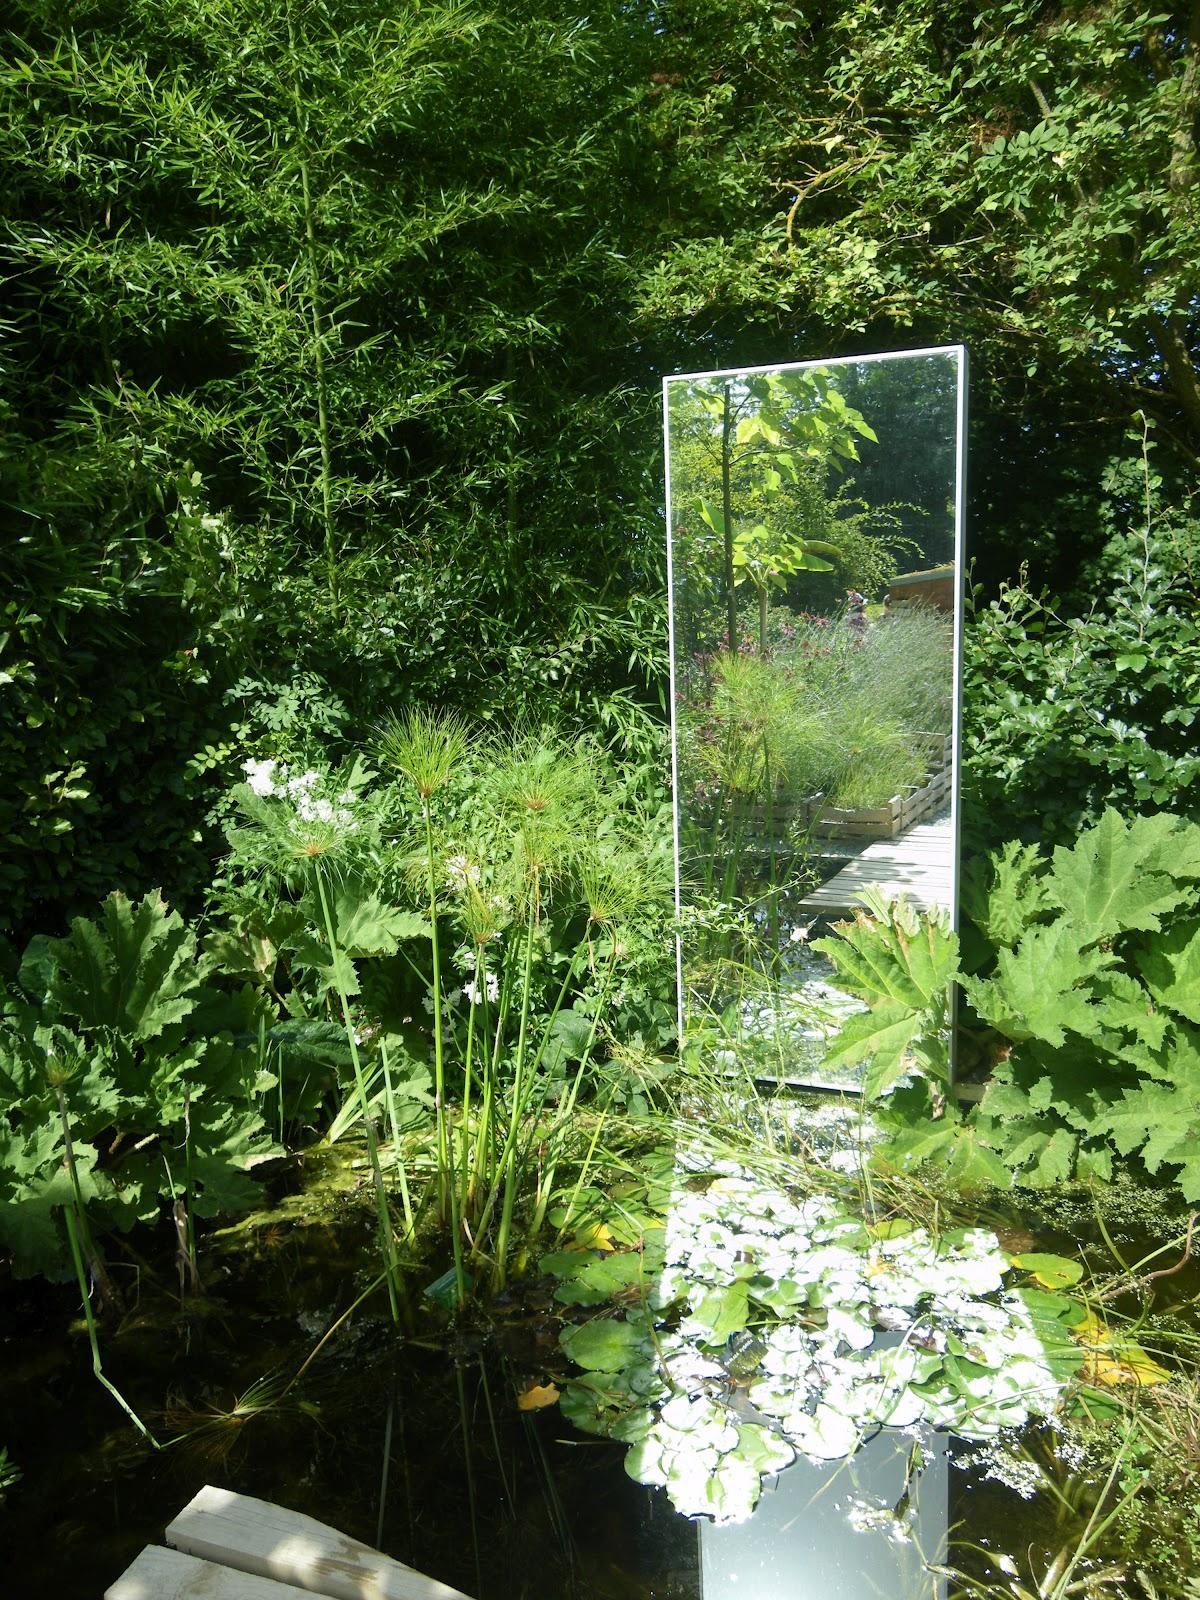 Festival des jardins de Chaumont sur Loire Jardins des délices